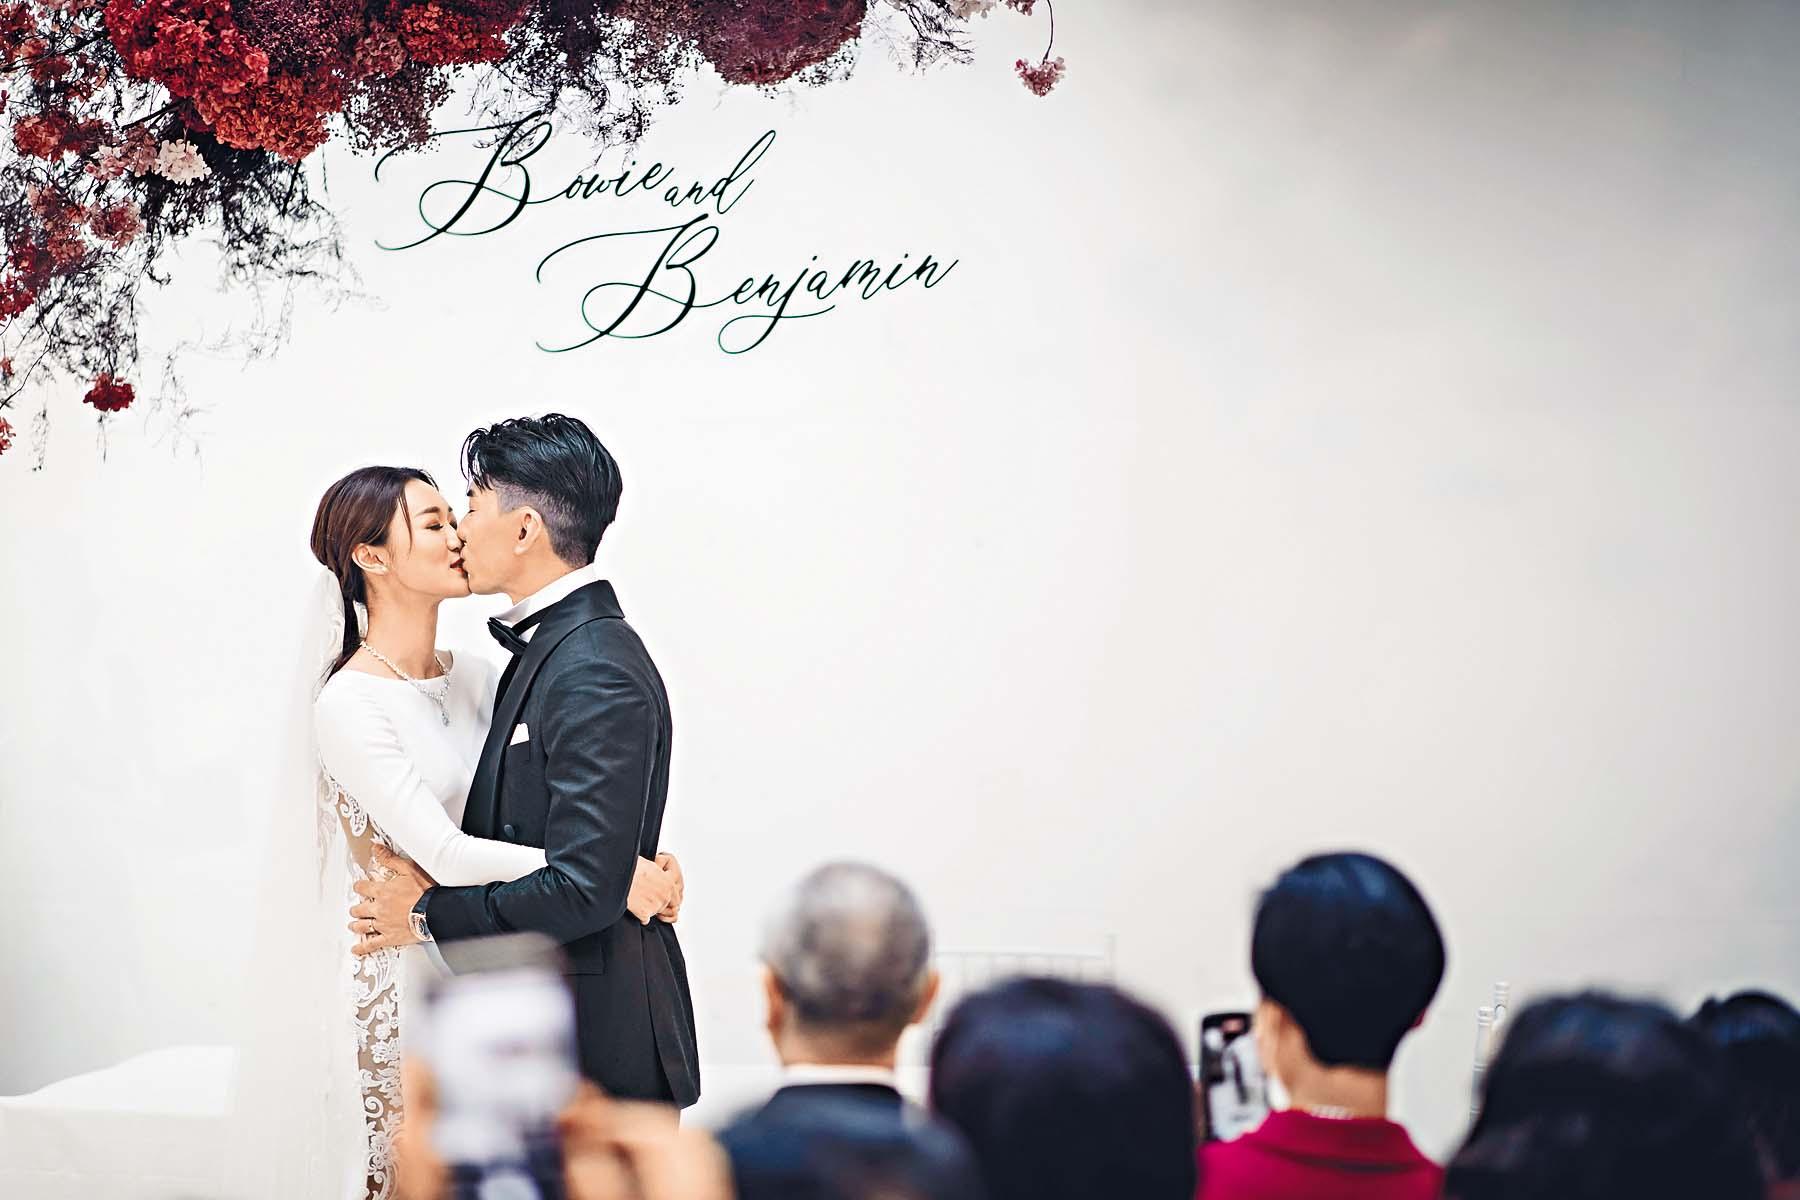 ■Ben與寶兒日前完成人生大事,婚禮期間深情一吻。